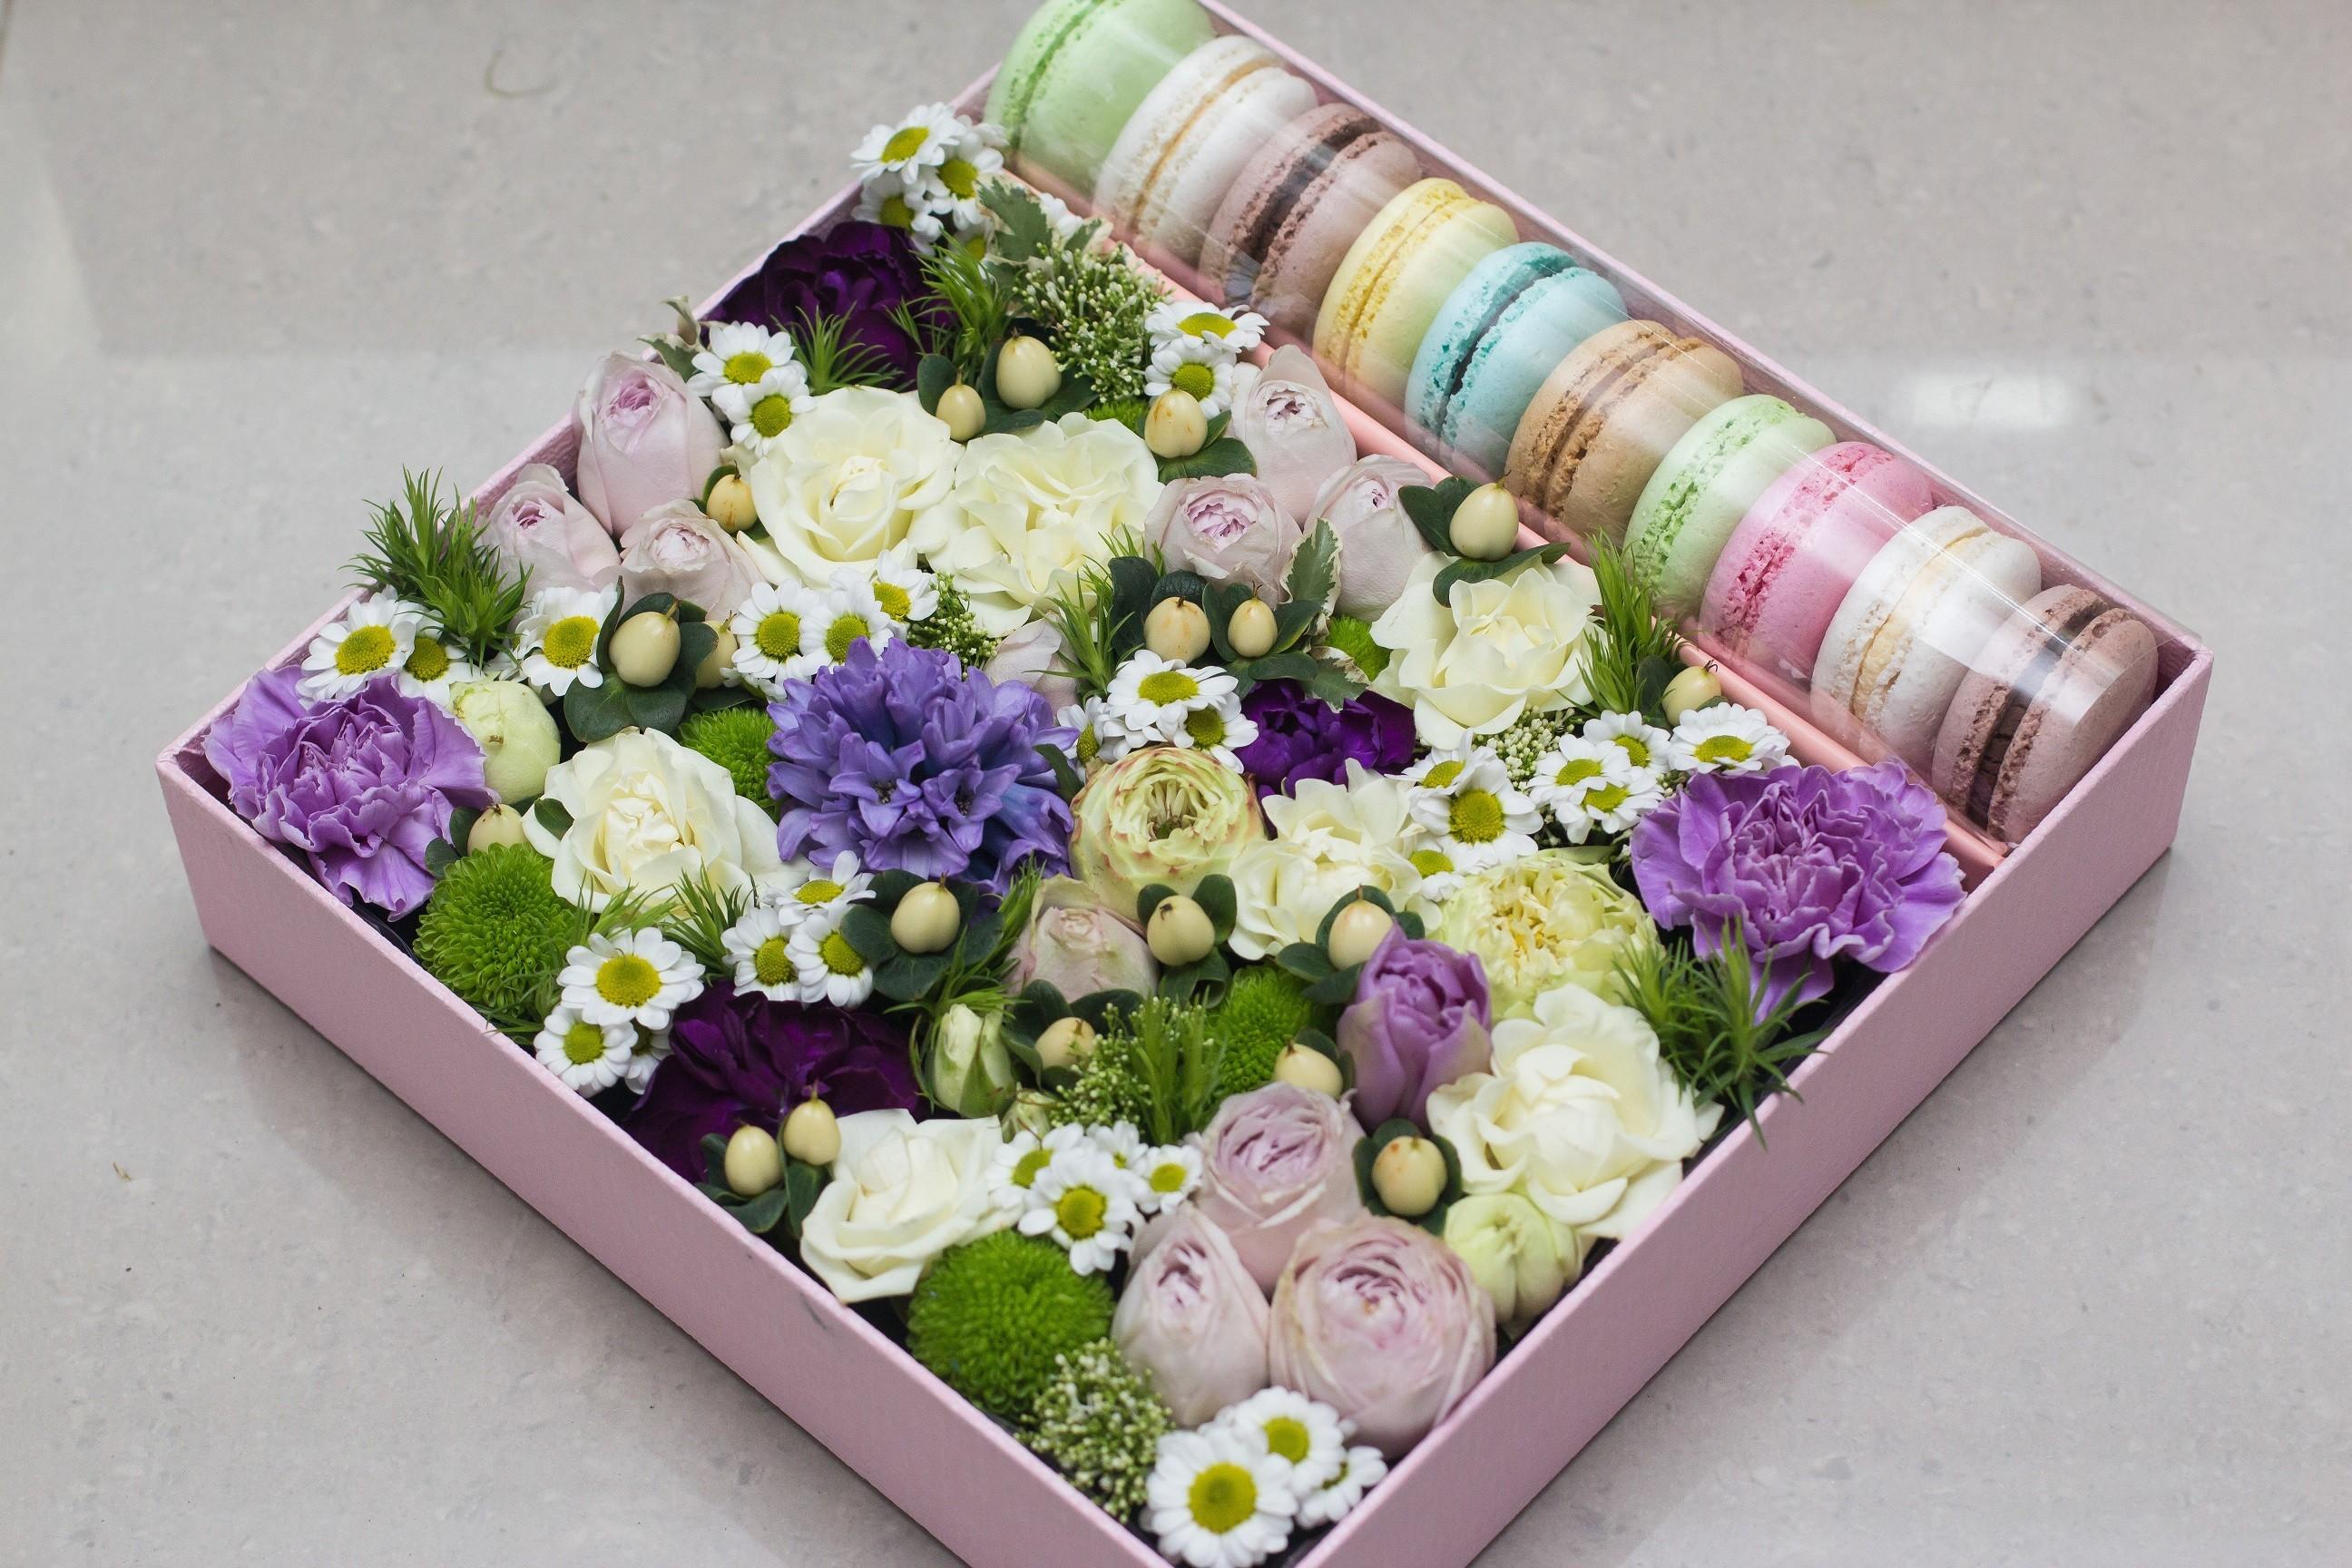 Цветы в коробке реальные фото